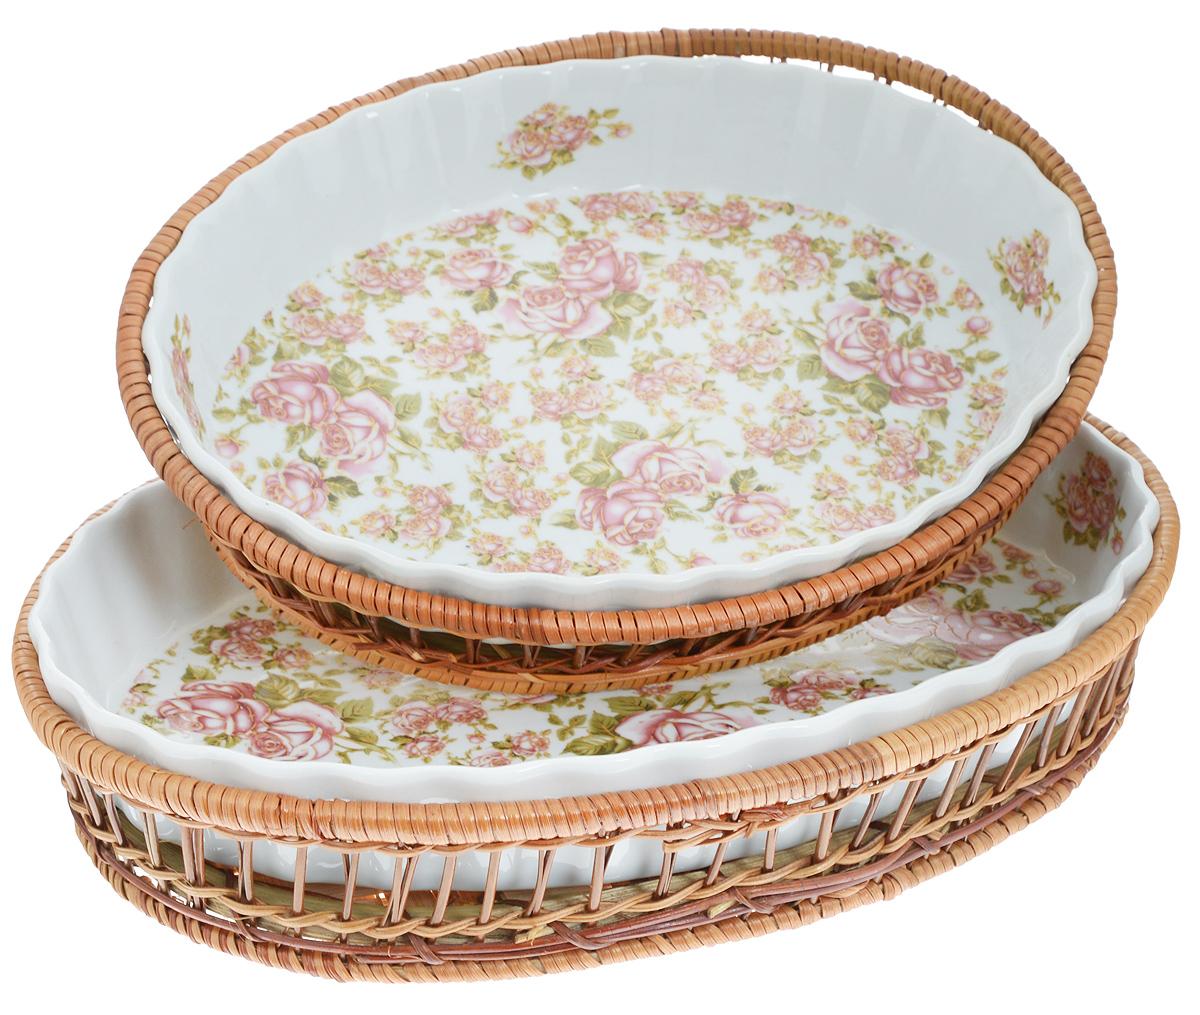 """Набор Mayer & Boch """"Розы"""" состоит из двух овальных форм в корзинках. Формы выполнены из высококачественного фарфора белого цвета и вручную расписаны великолепным цветочным узором. Плетеные корзины из ротанга, в которые вставляются формы, послужат красивыми и оригинальными подставками. Фарфоровая посуда выдерживает высокие перепады температуры, поэтому ее можно использовать в духовке, микроволновой печи, а также для хранения пищи в холодильнике. Формы прекрасно подойдут для запекания овощей, мяса и других блюд, а оригинальный дизайн и яркое оформление украсят ваш стол. Можно мыть в посудомоечной машине. Размер формы: 33 х 23 х 5 см; 27 х 20,5 х 4 см.Объем форм: 2,1 л; 1,6 л."""